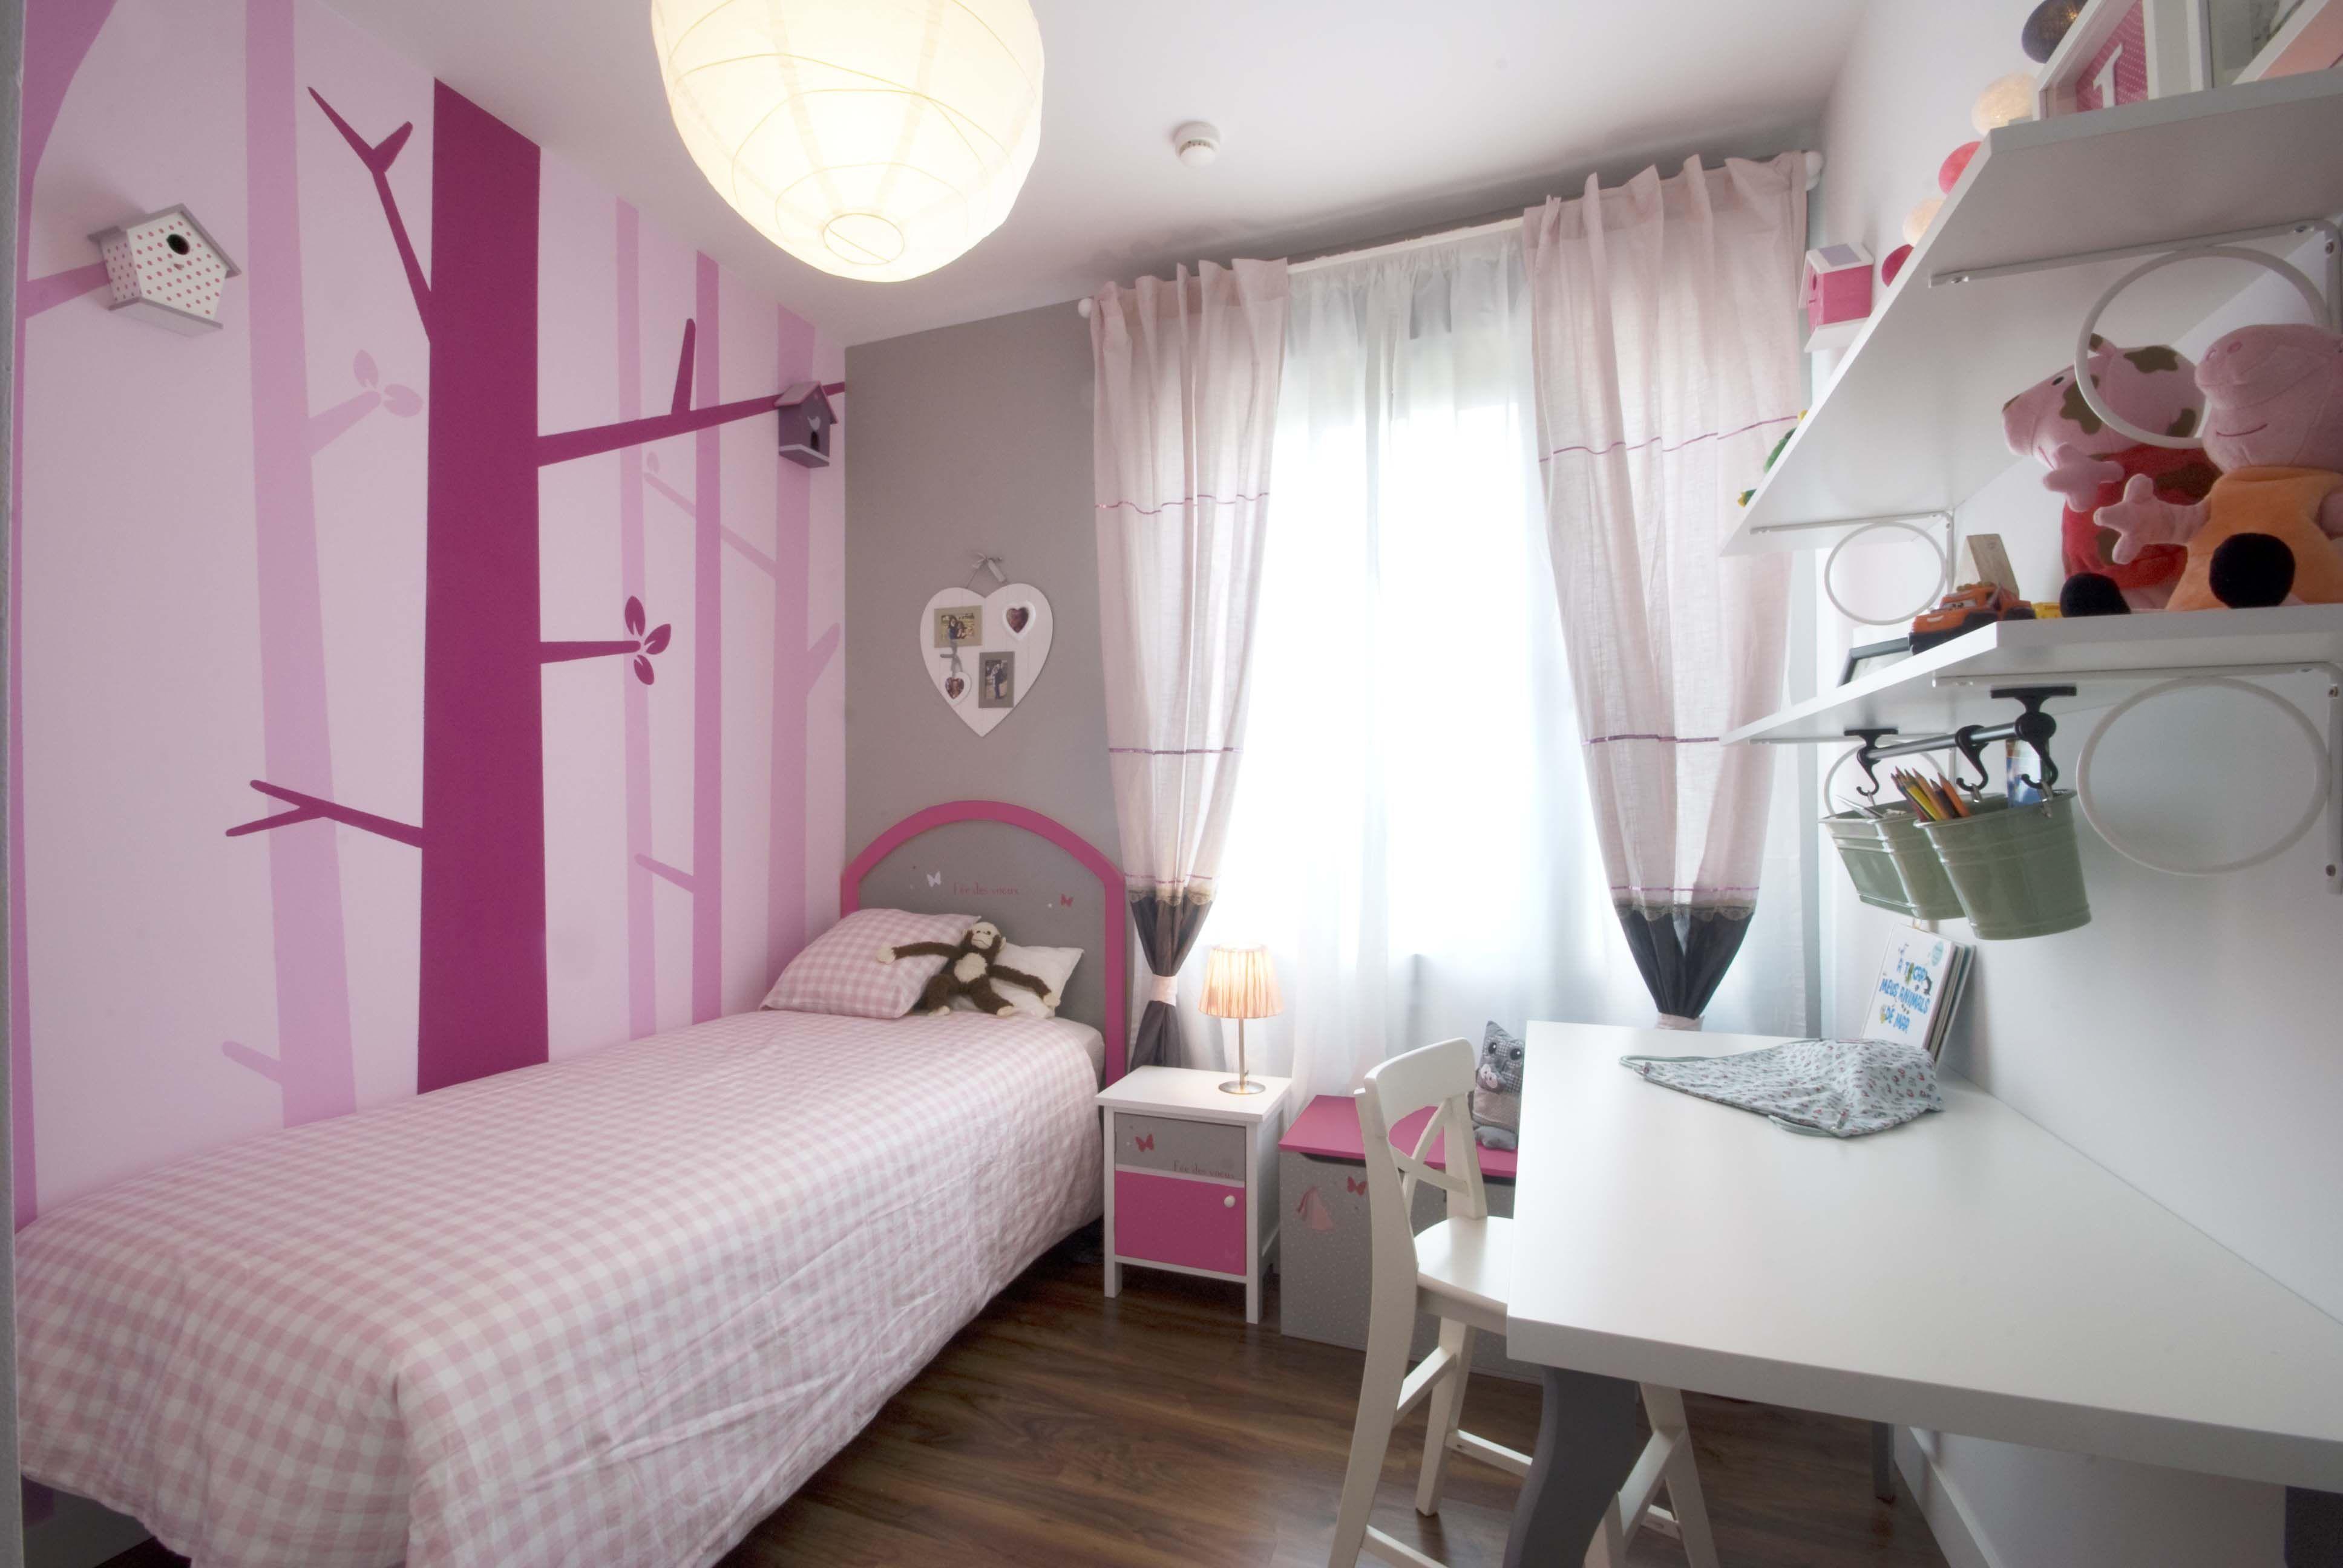 #Dormitorio #Niños #eclectico #decoracion via @planreforma #camas #sillas #escritorio #cabecero de cama #niños #estanterias #arbolesdiseñado por Cristina Bosch - Decorador